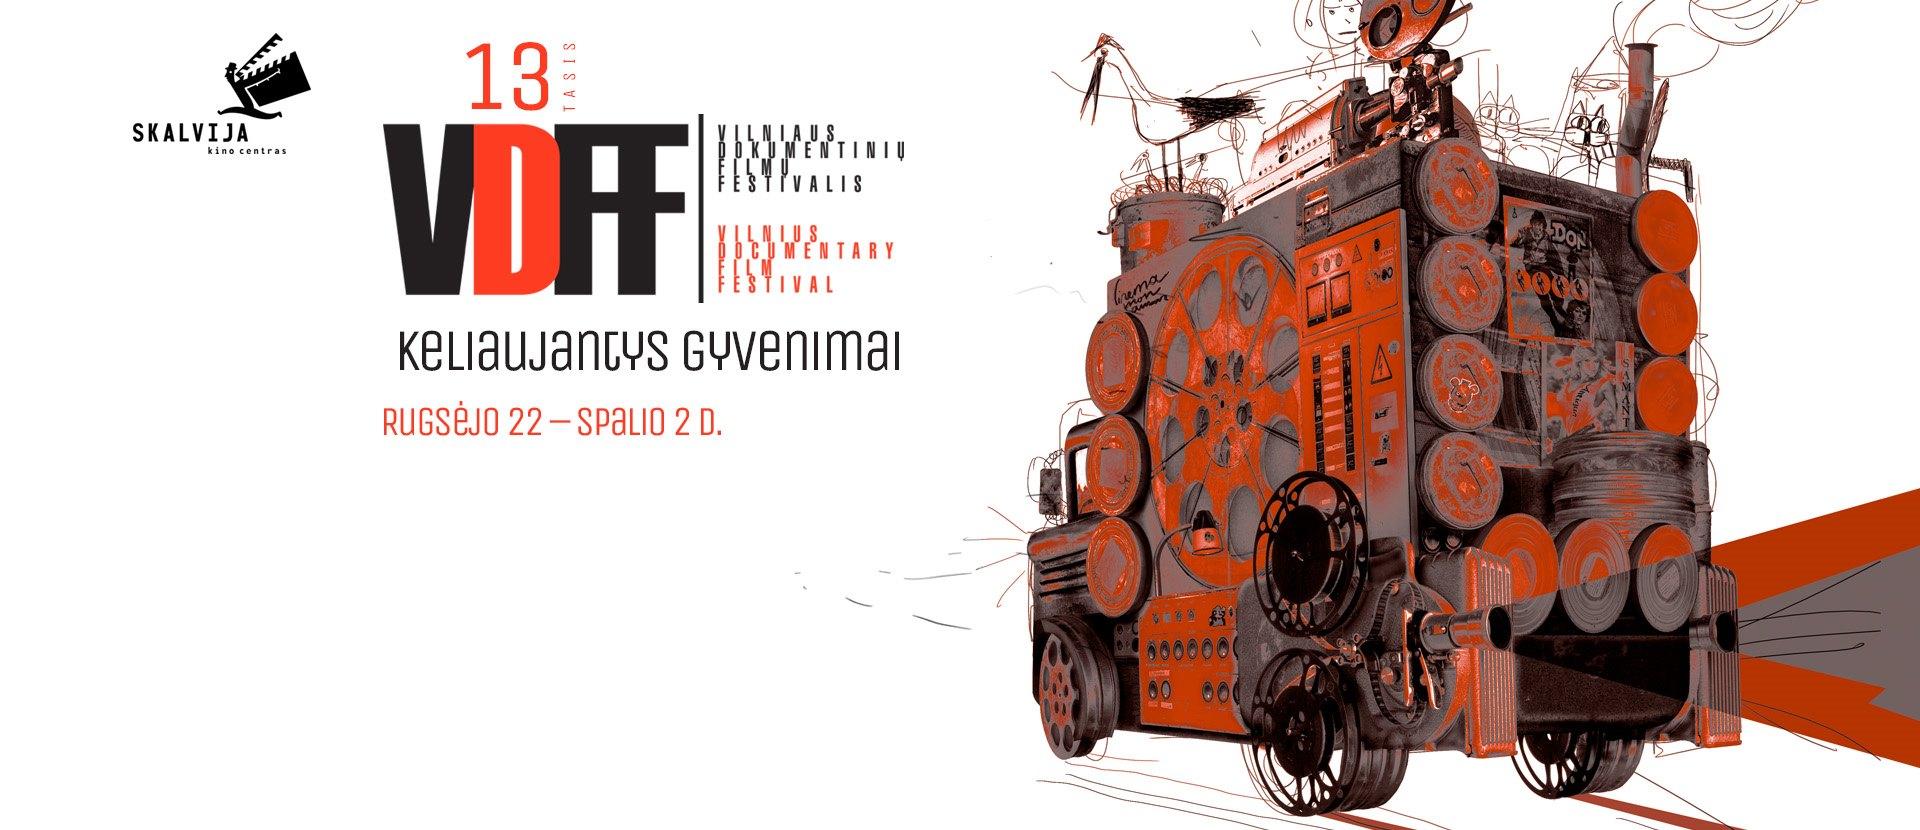 VDFF kino festivalis (Skalvija)